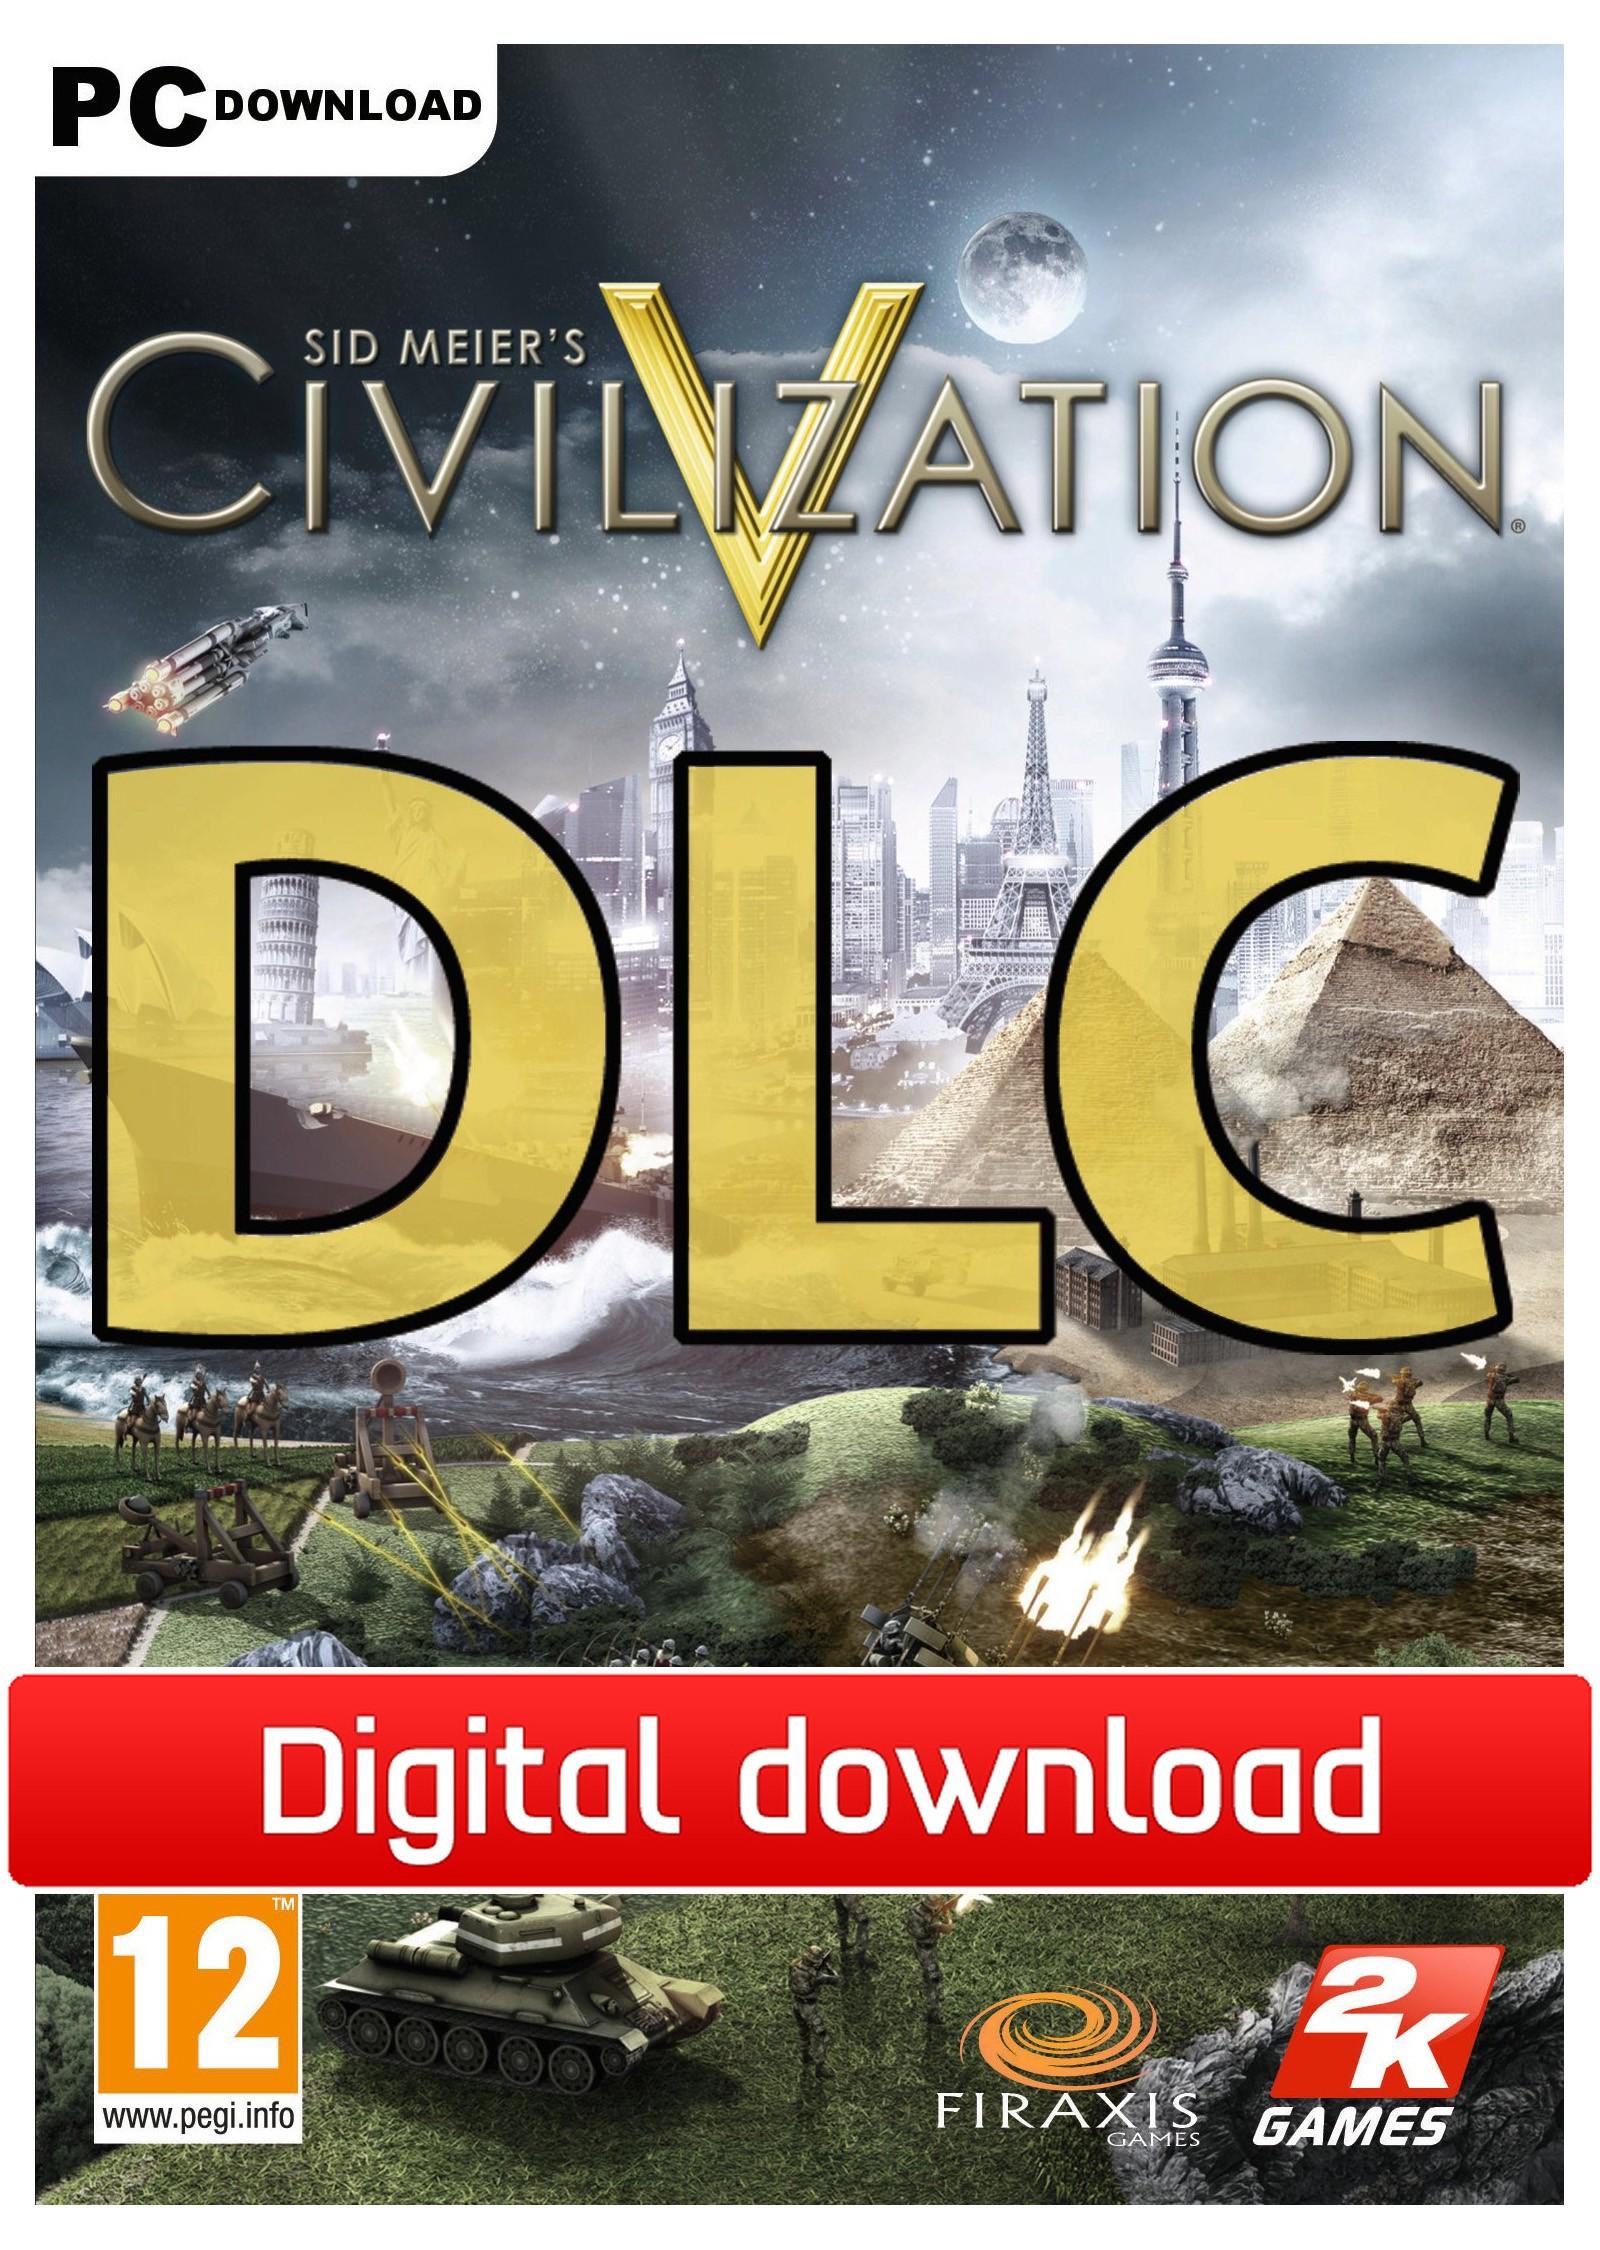 Civilization 5: Babylon (PC nedlastning) PCDD24818